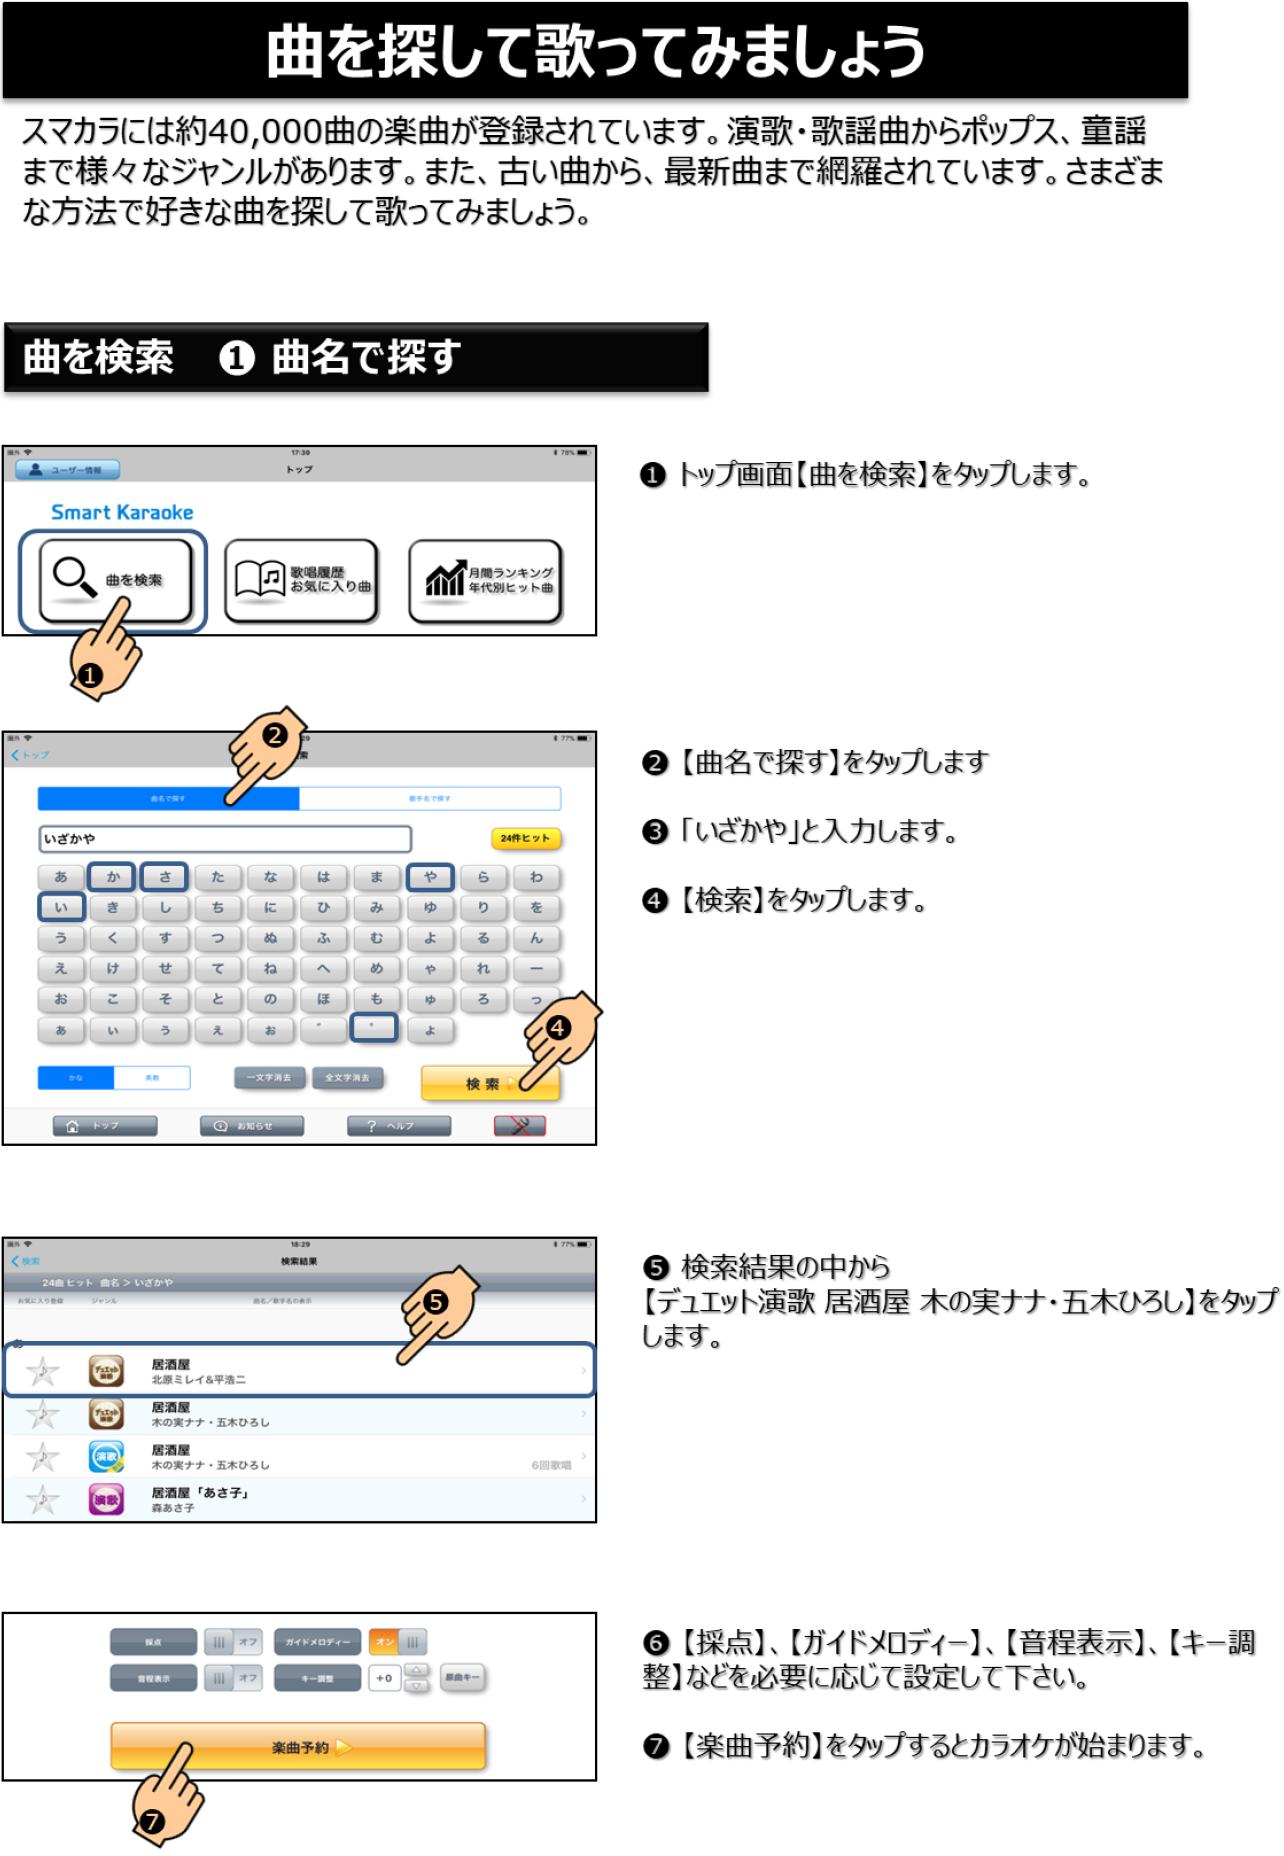 guide07